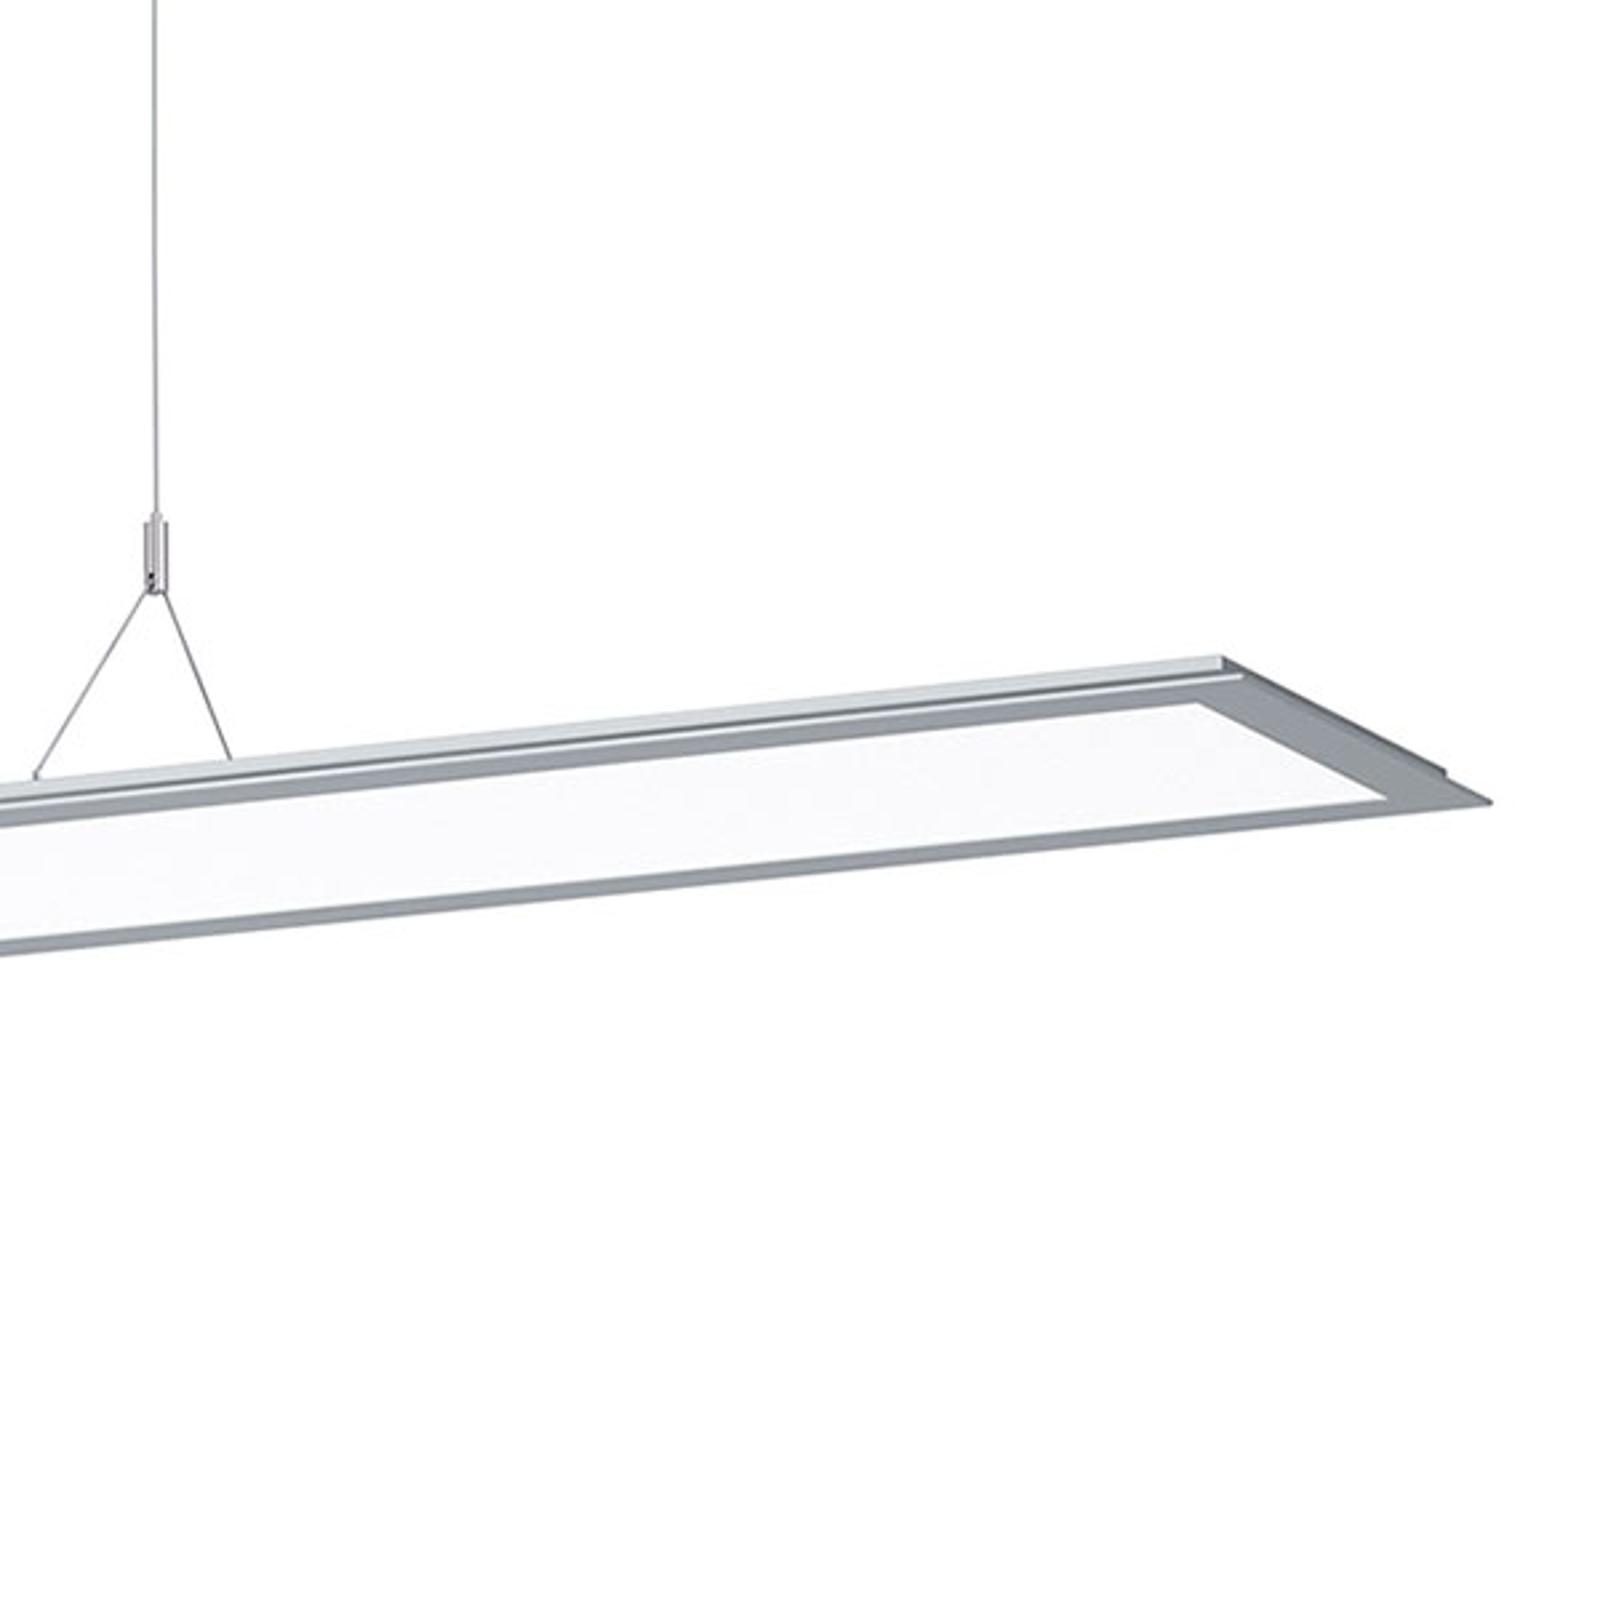 LED sospensione SL713PL 124cm DALI 9.250 lm grigio